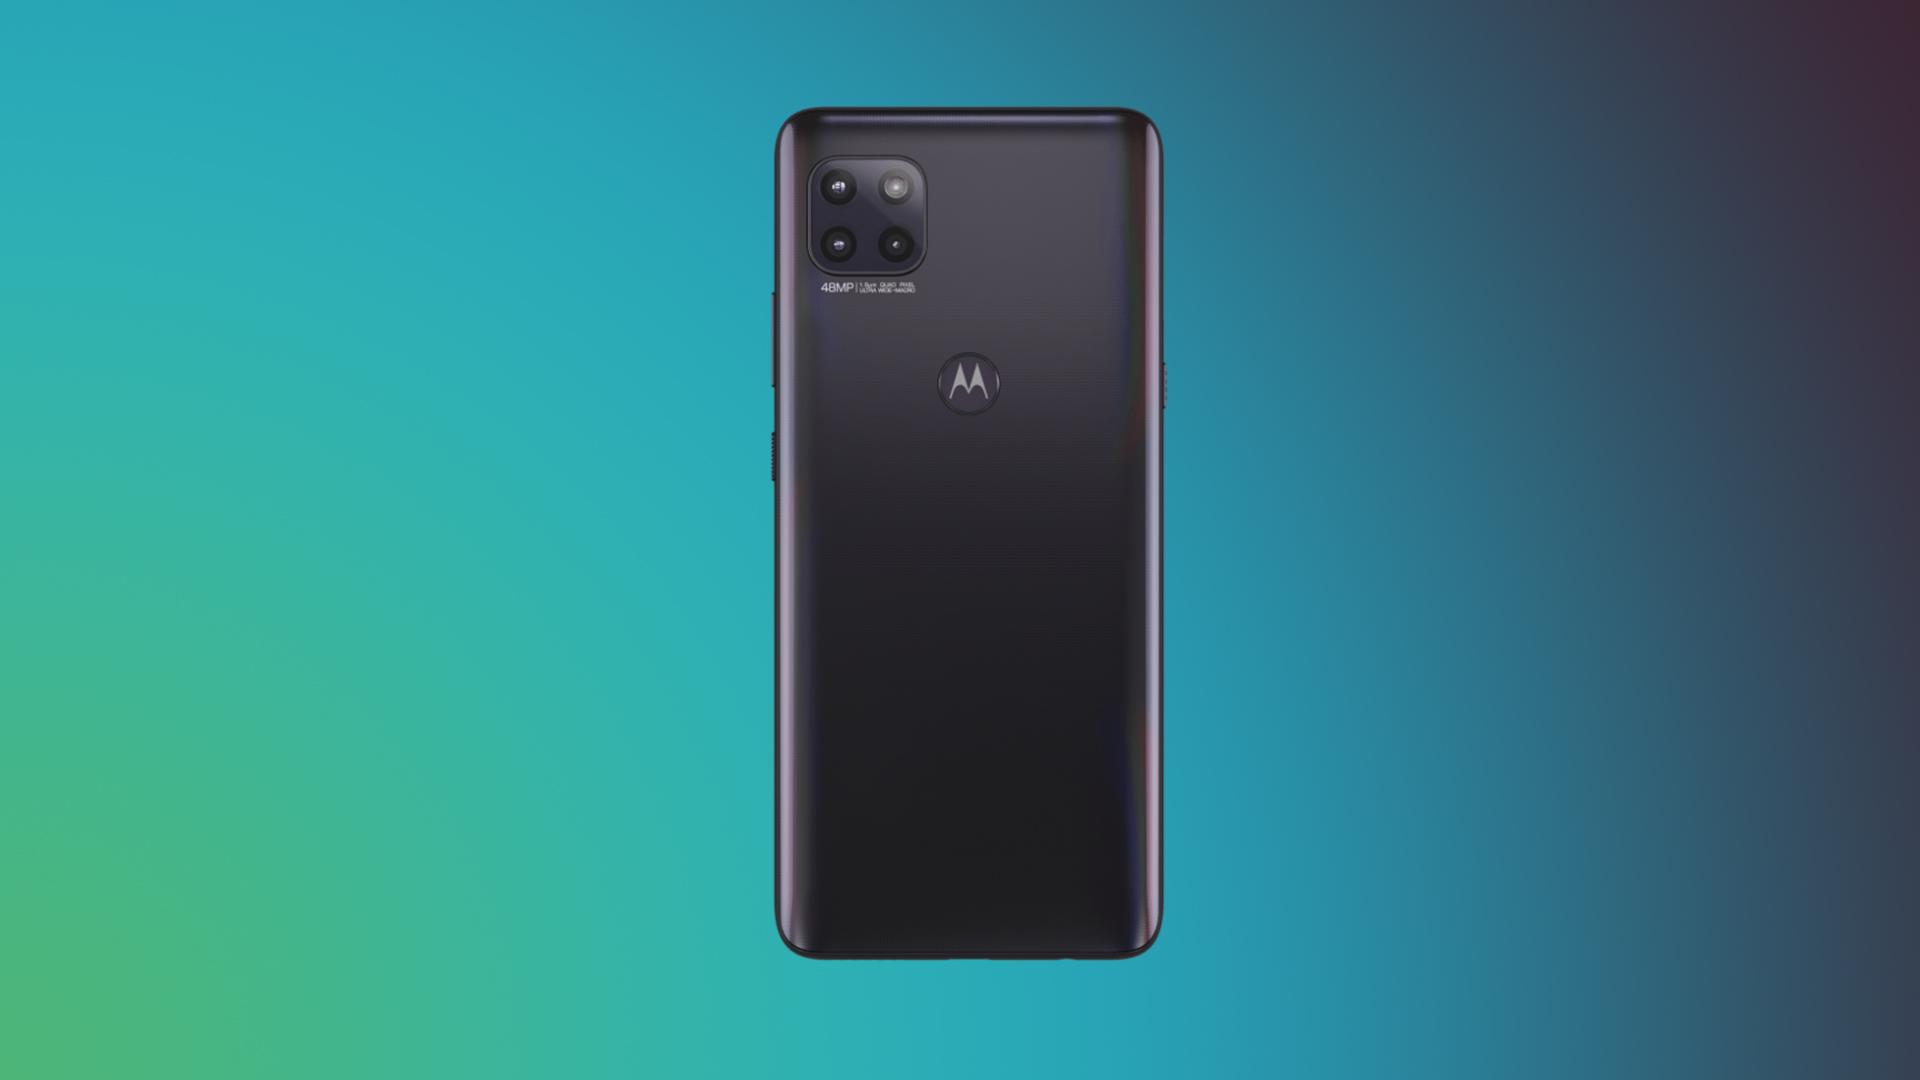 Motorola Moto G 5G Quad Rear Camera